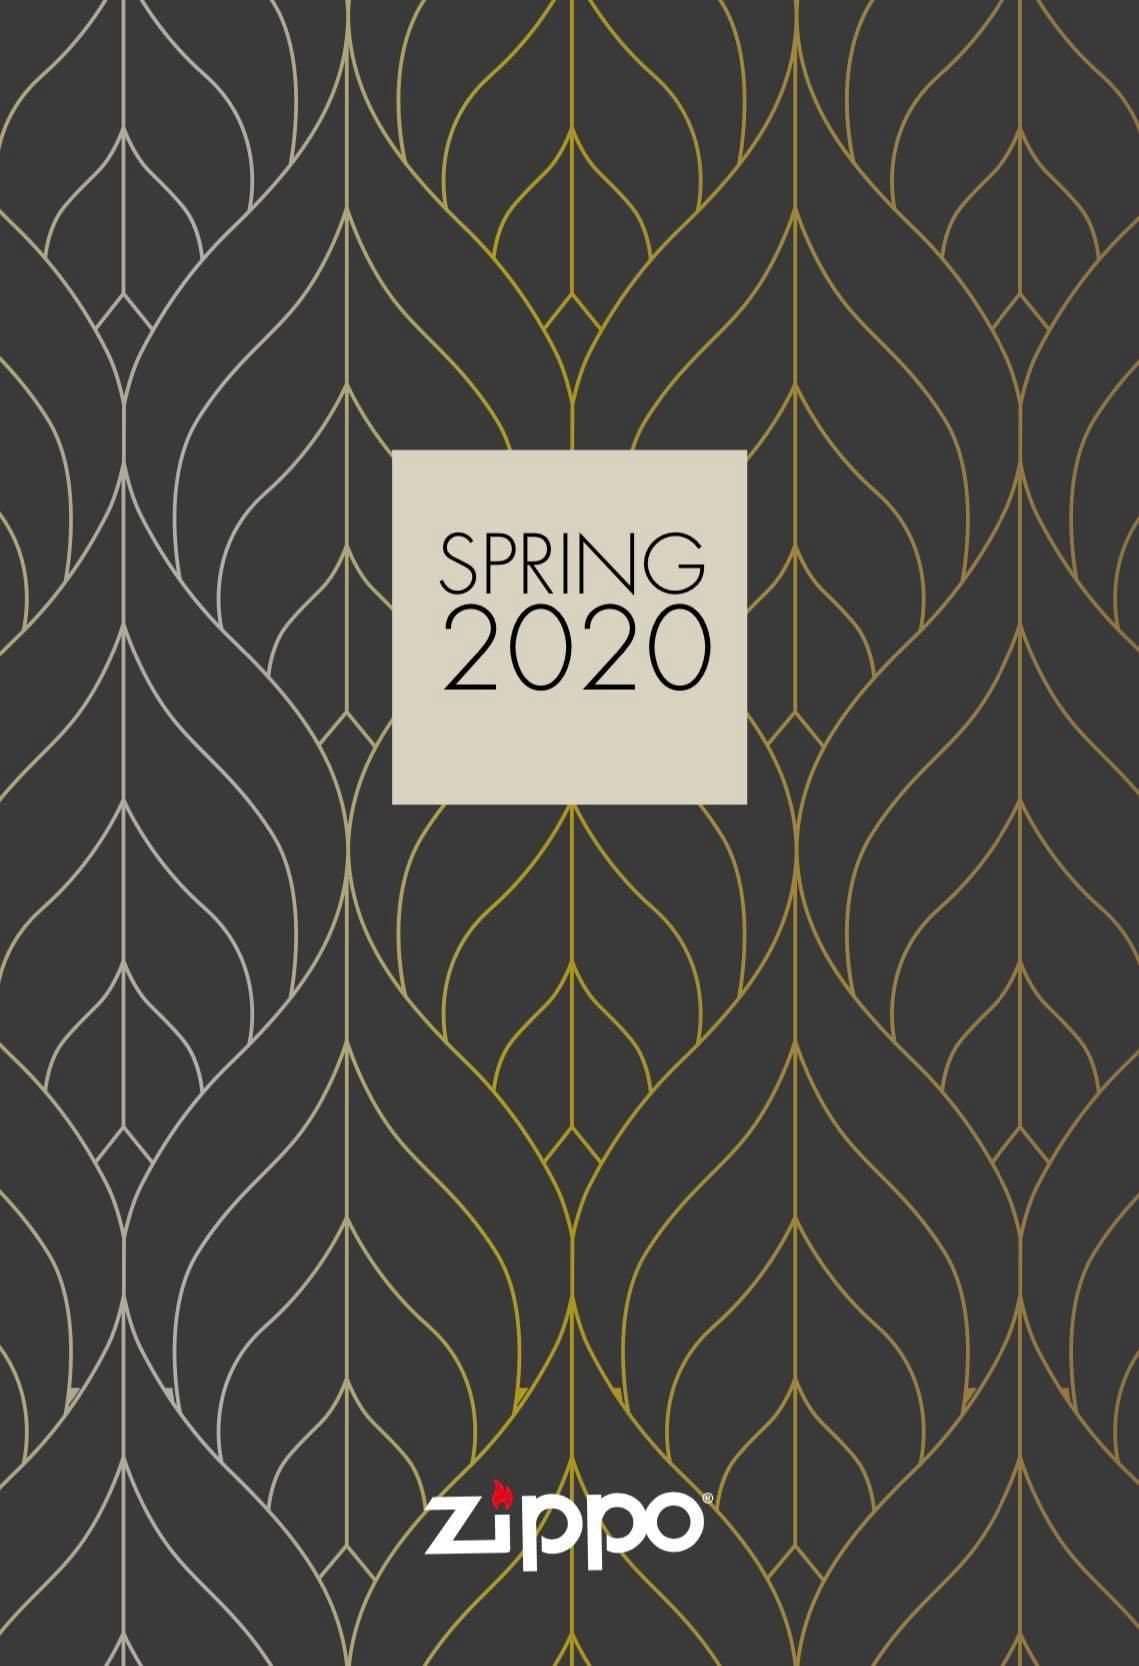 Zippo 2020 Spring Collection DE